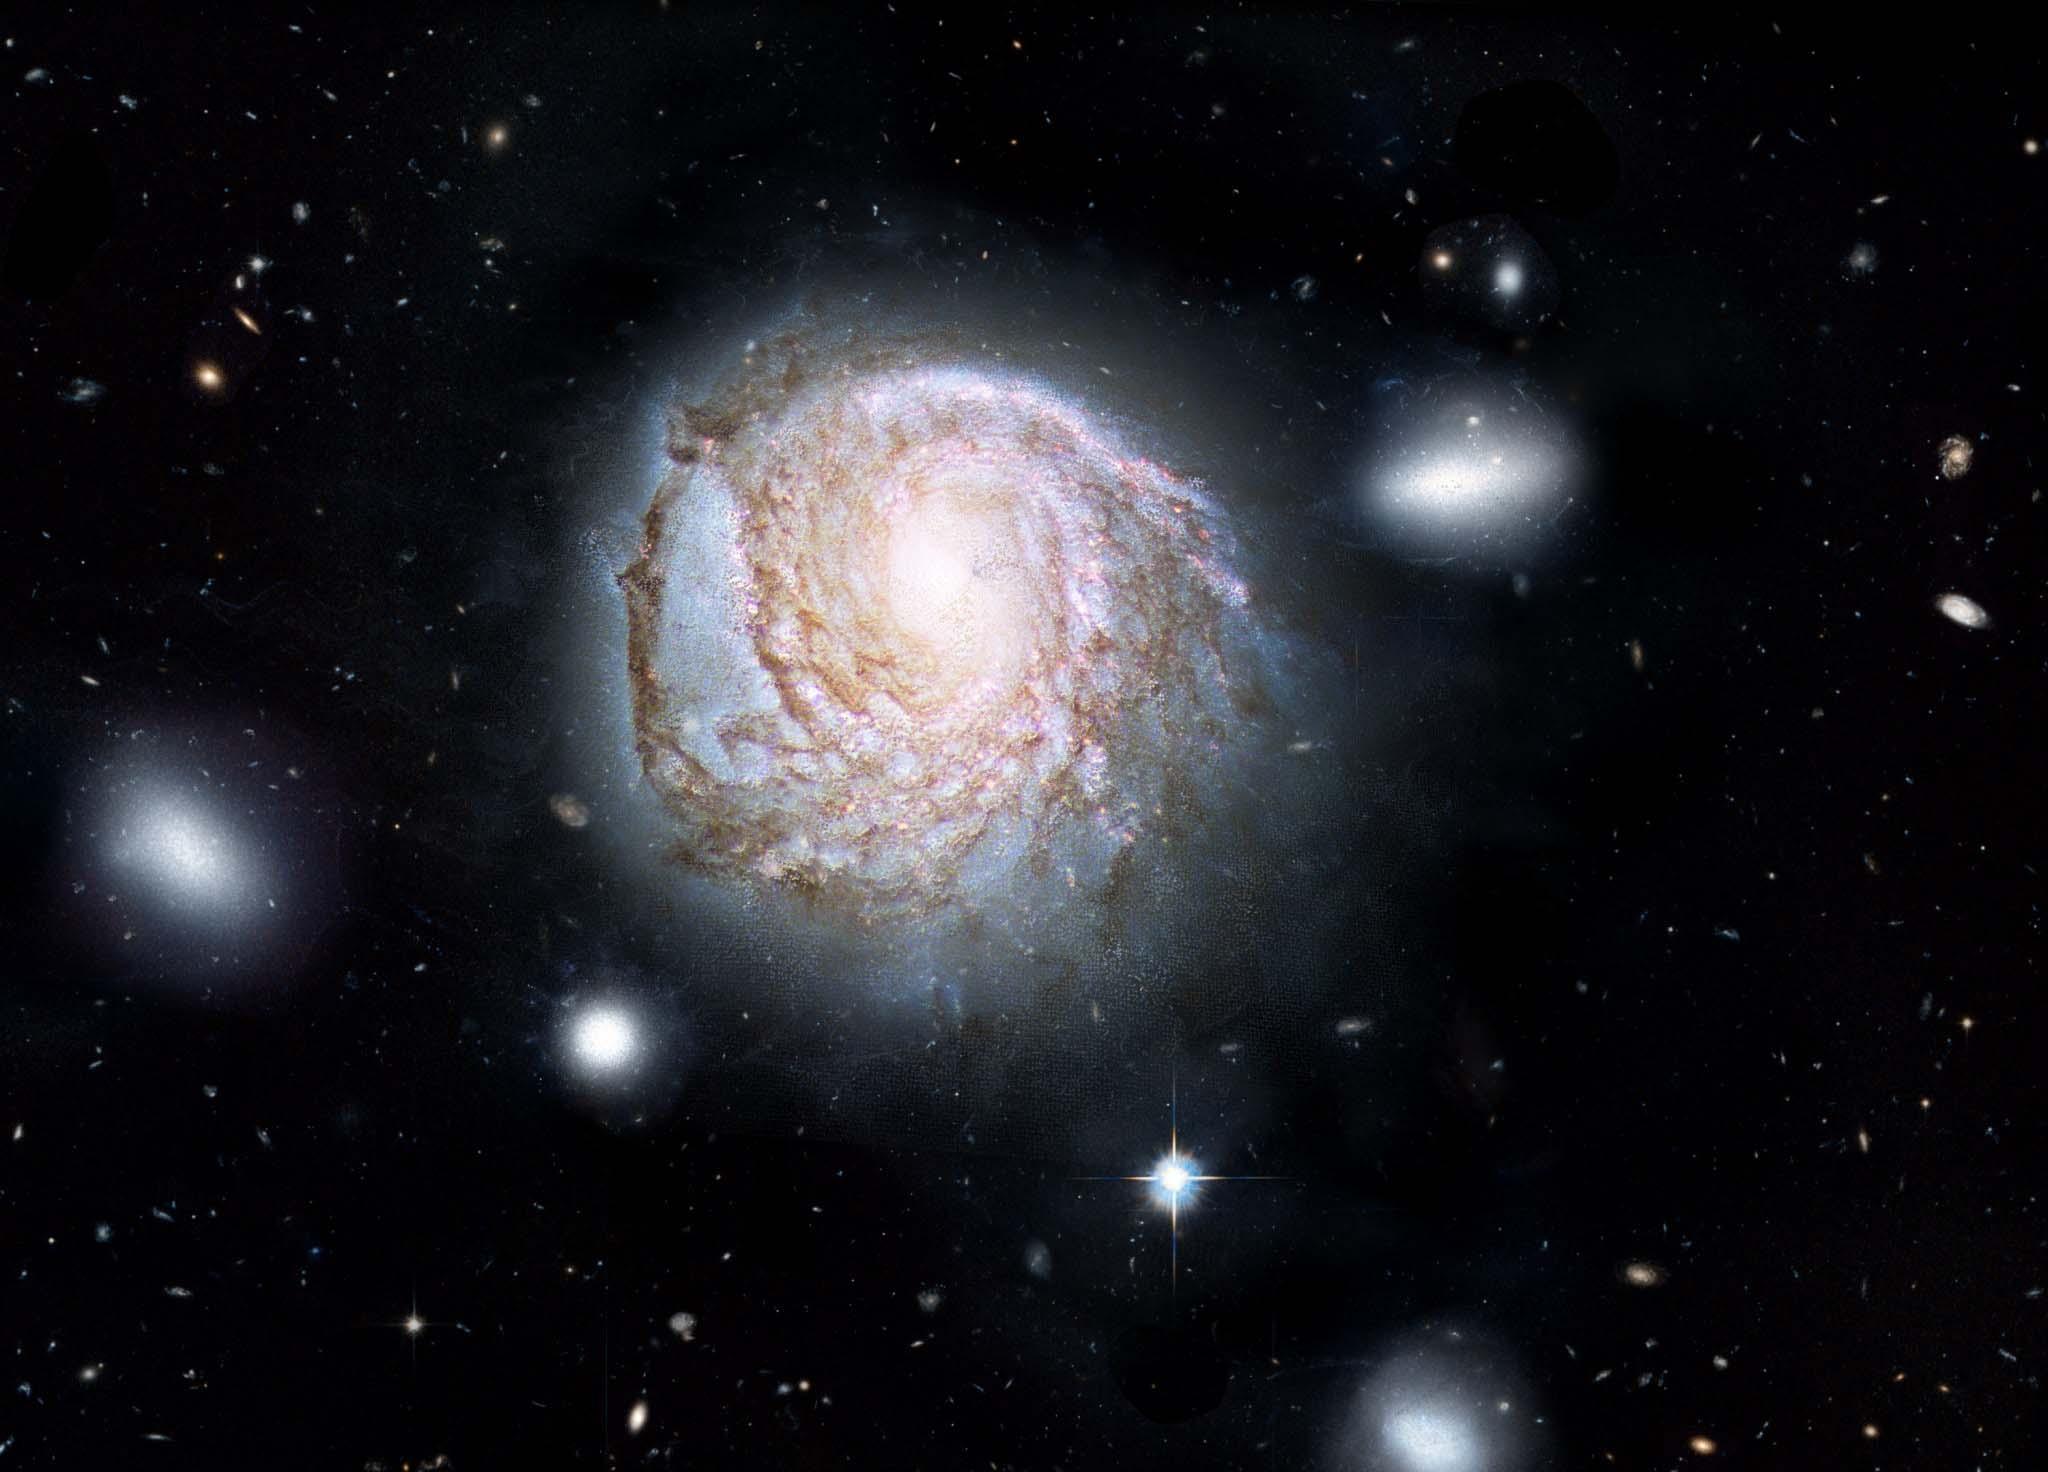 این تصویر کهکشان مارپیچى NGC 4921 را نشان می دهد که در حال تهی شدن از گاز می باشد.